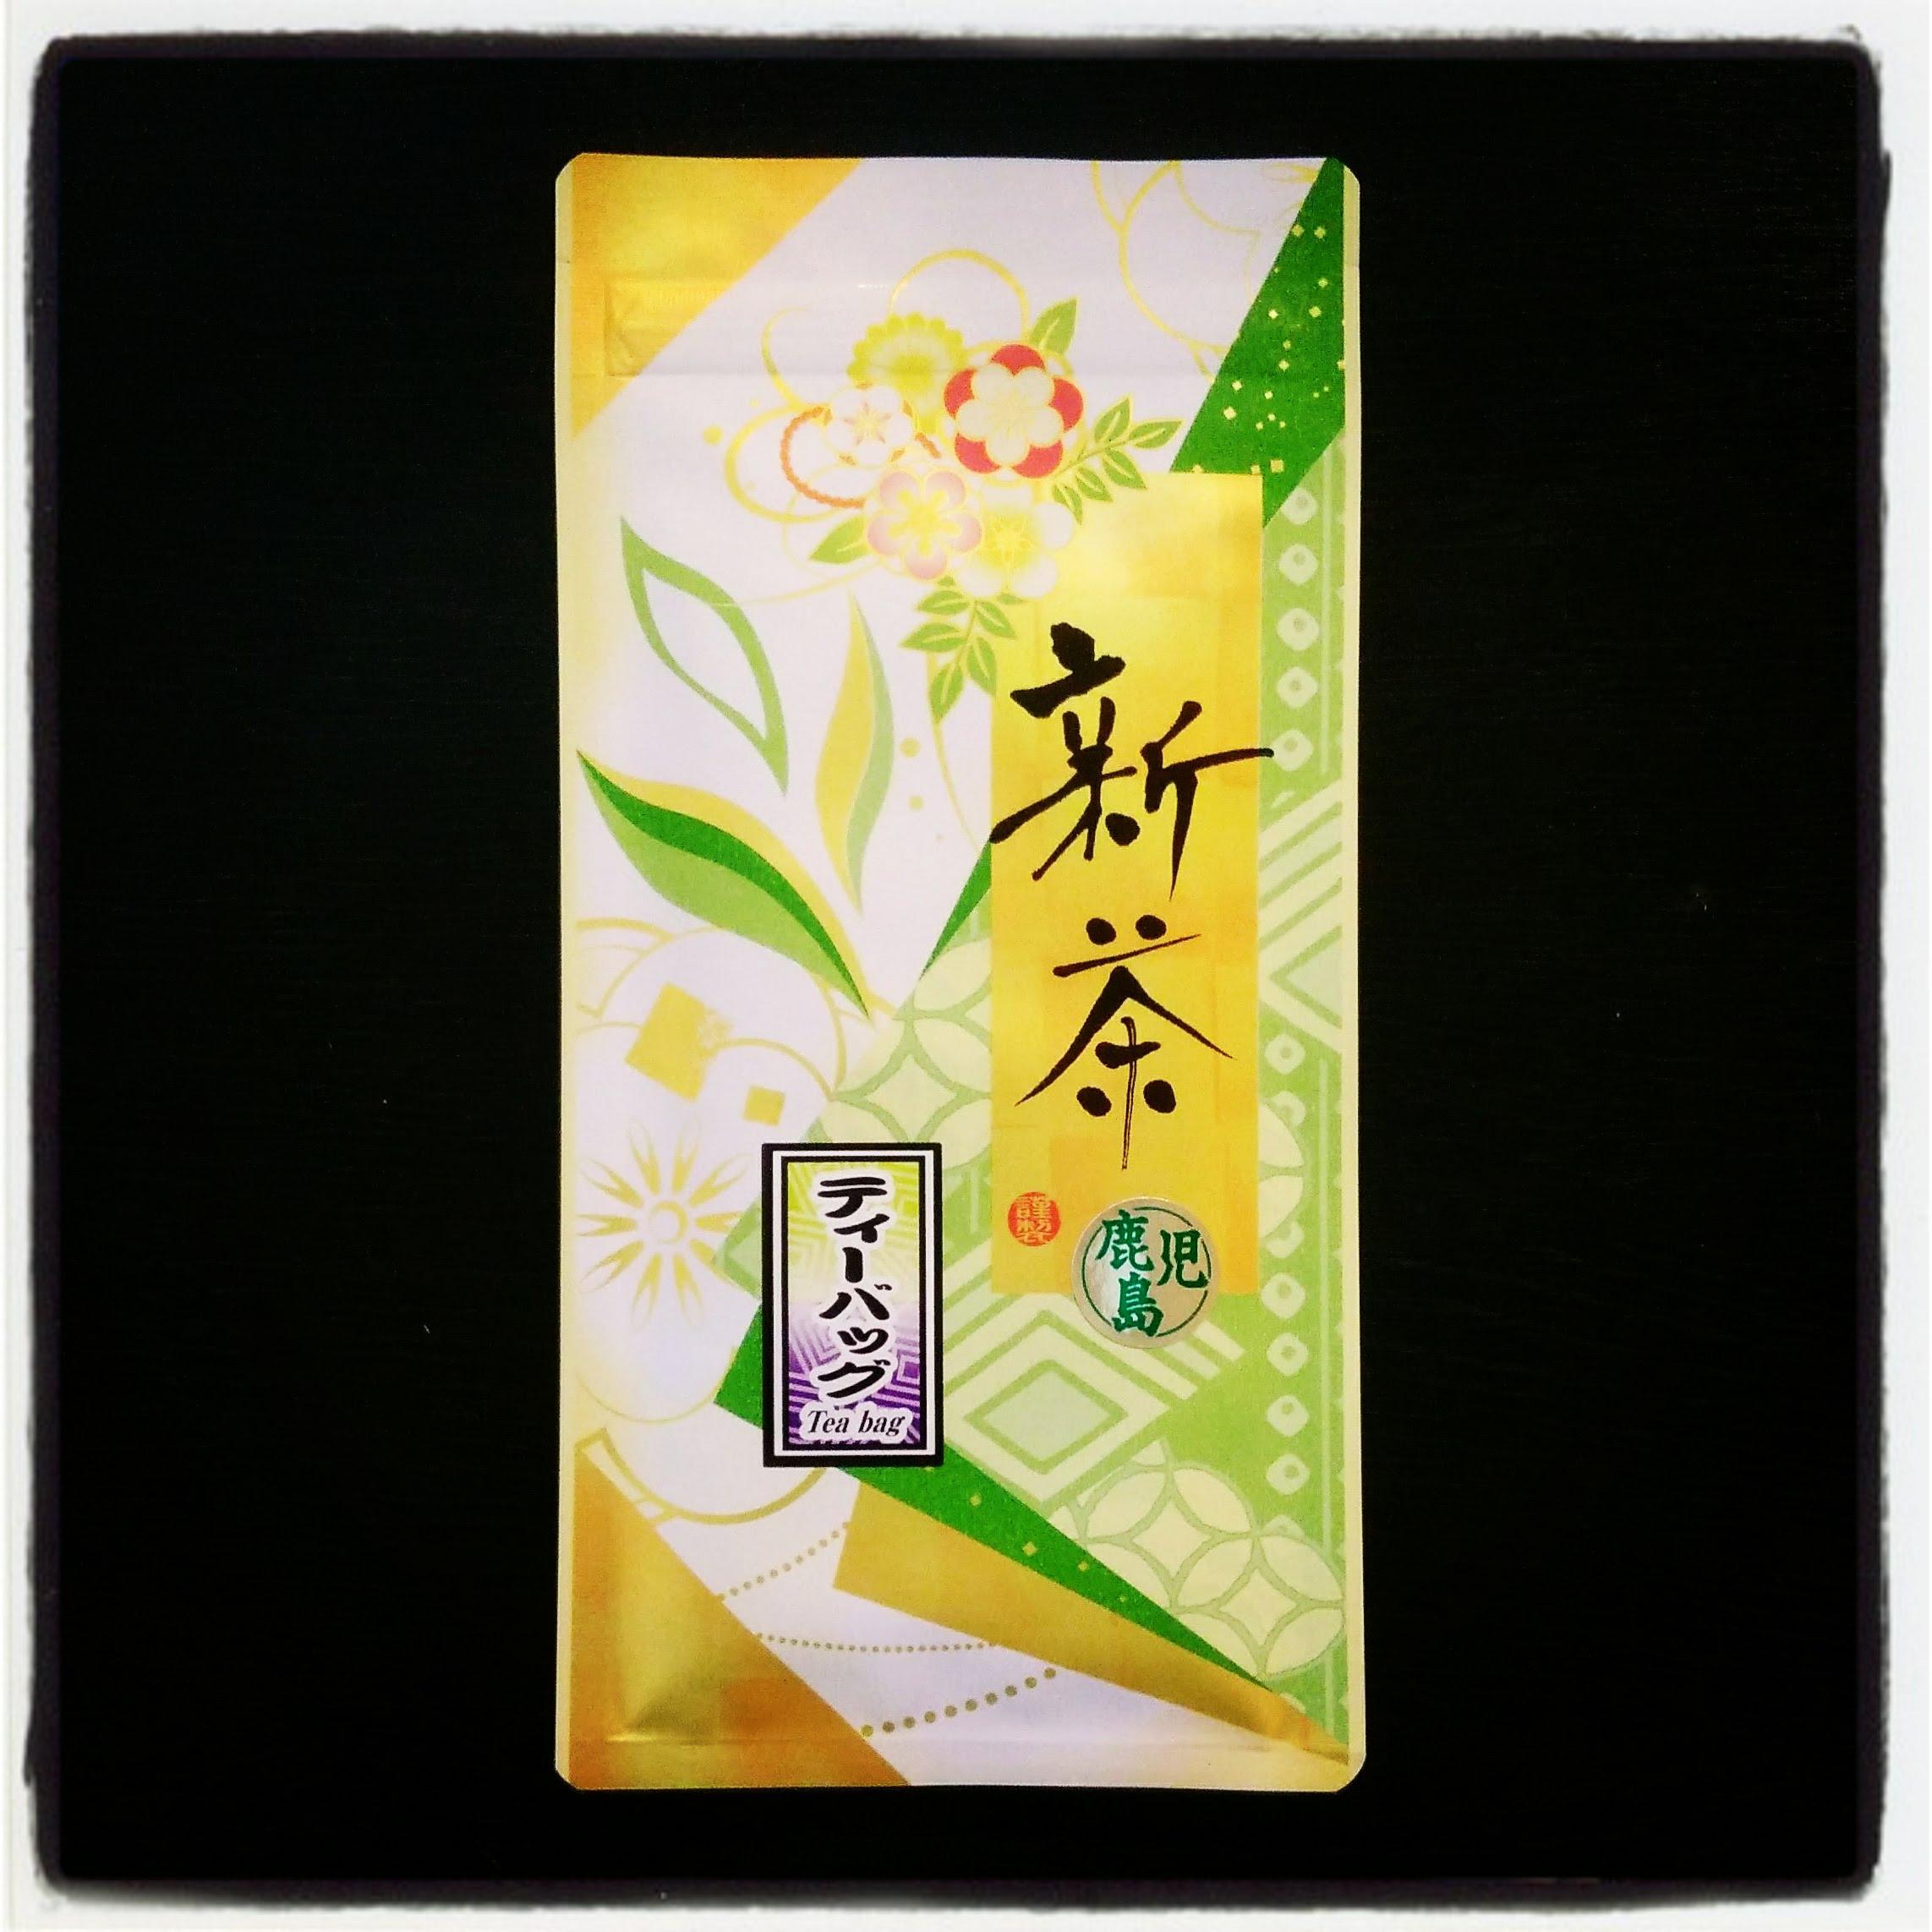 2018年産鹿児島新茶ティーバッグ